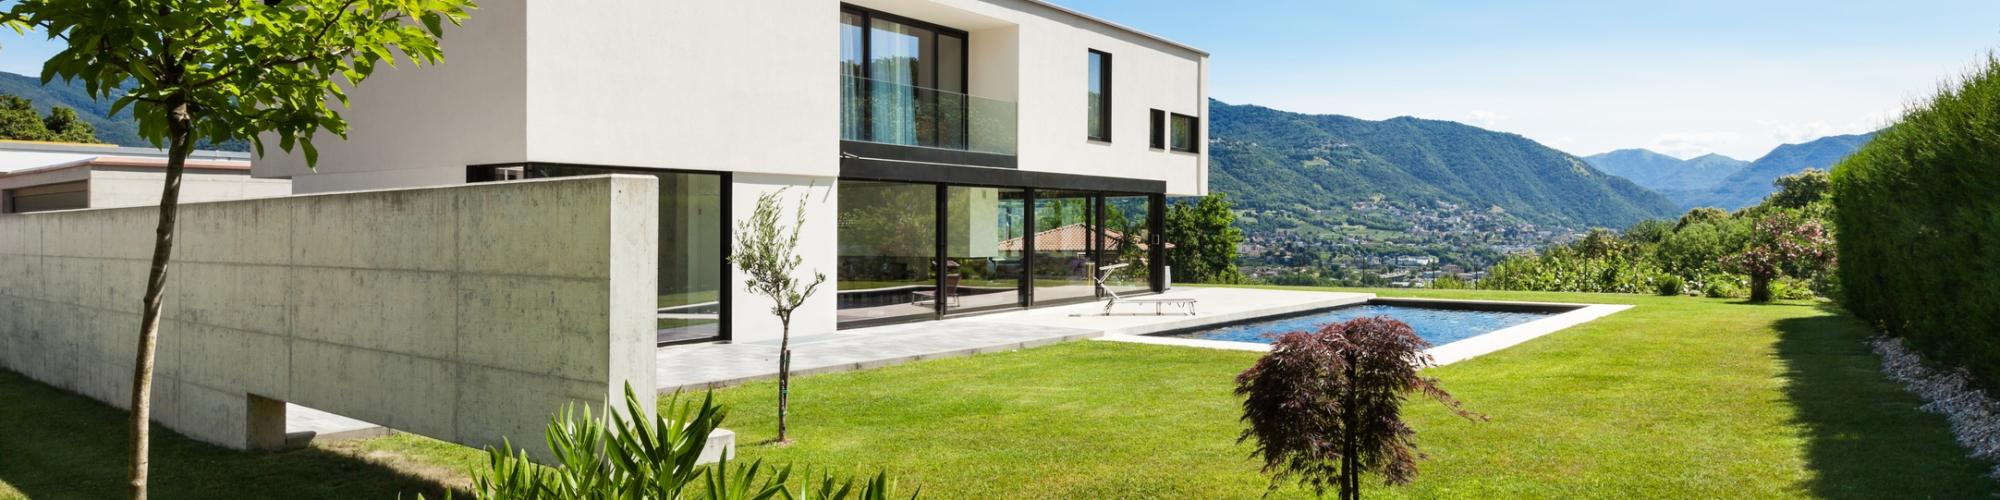 wie geht es jetzt weiter erbschaft einer immobilie. Black Bedroom Furniture Sets. Home Design Ideas